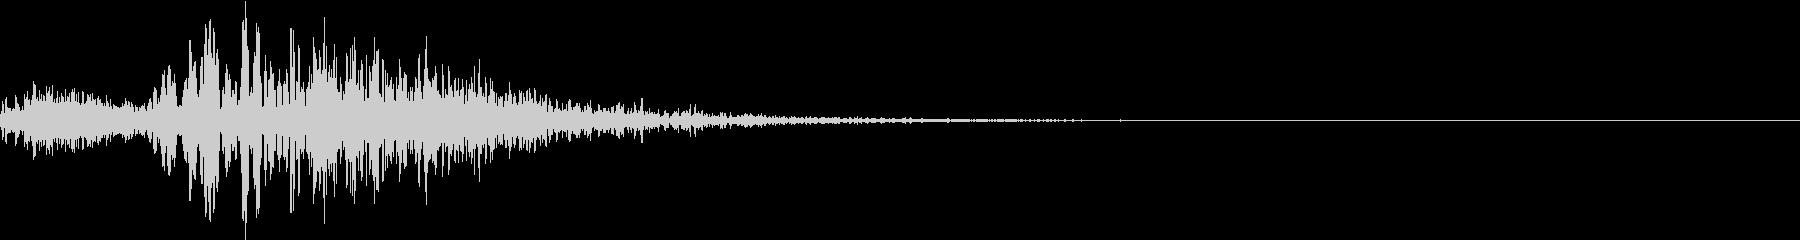 効果音 プィーップォの未再生の波形